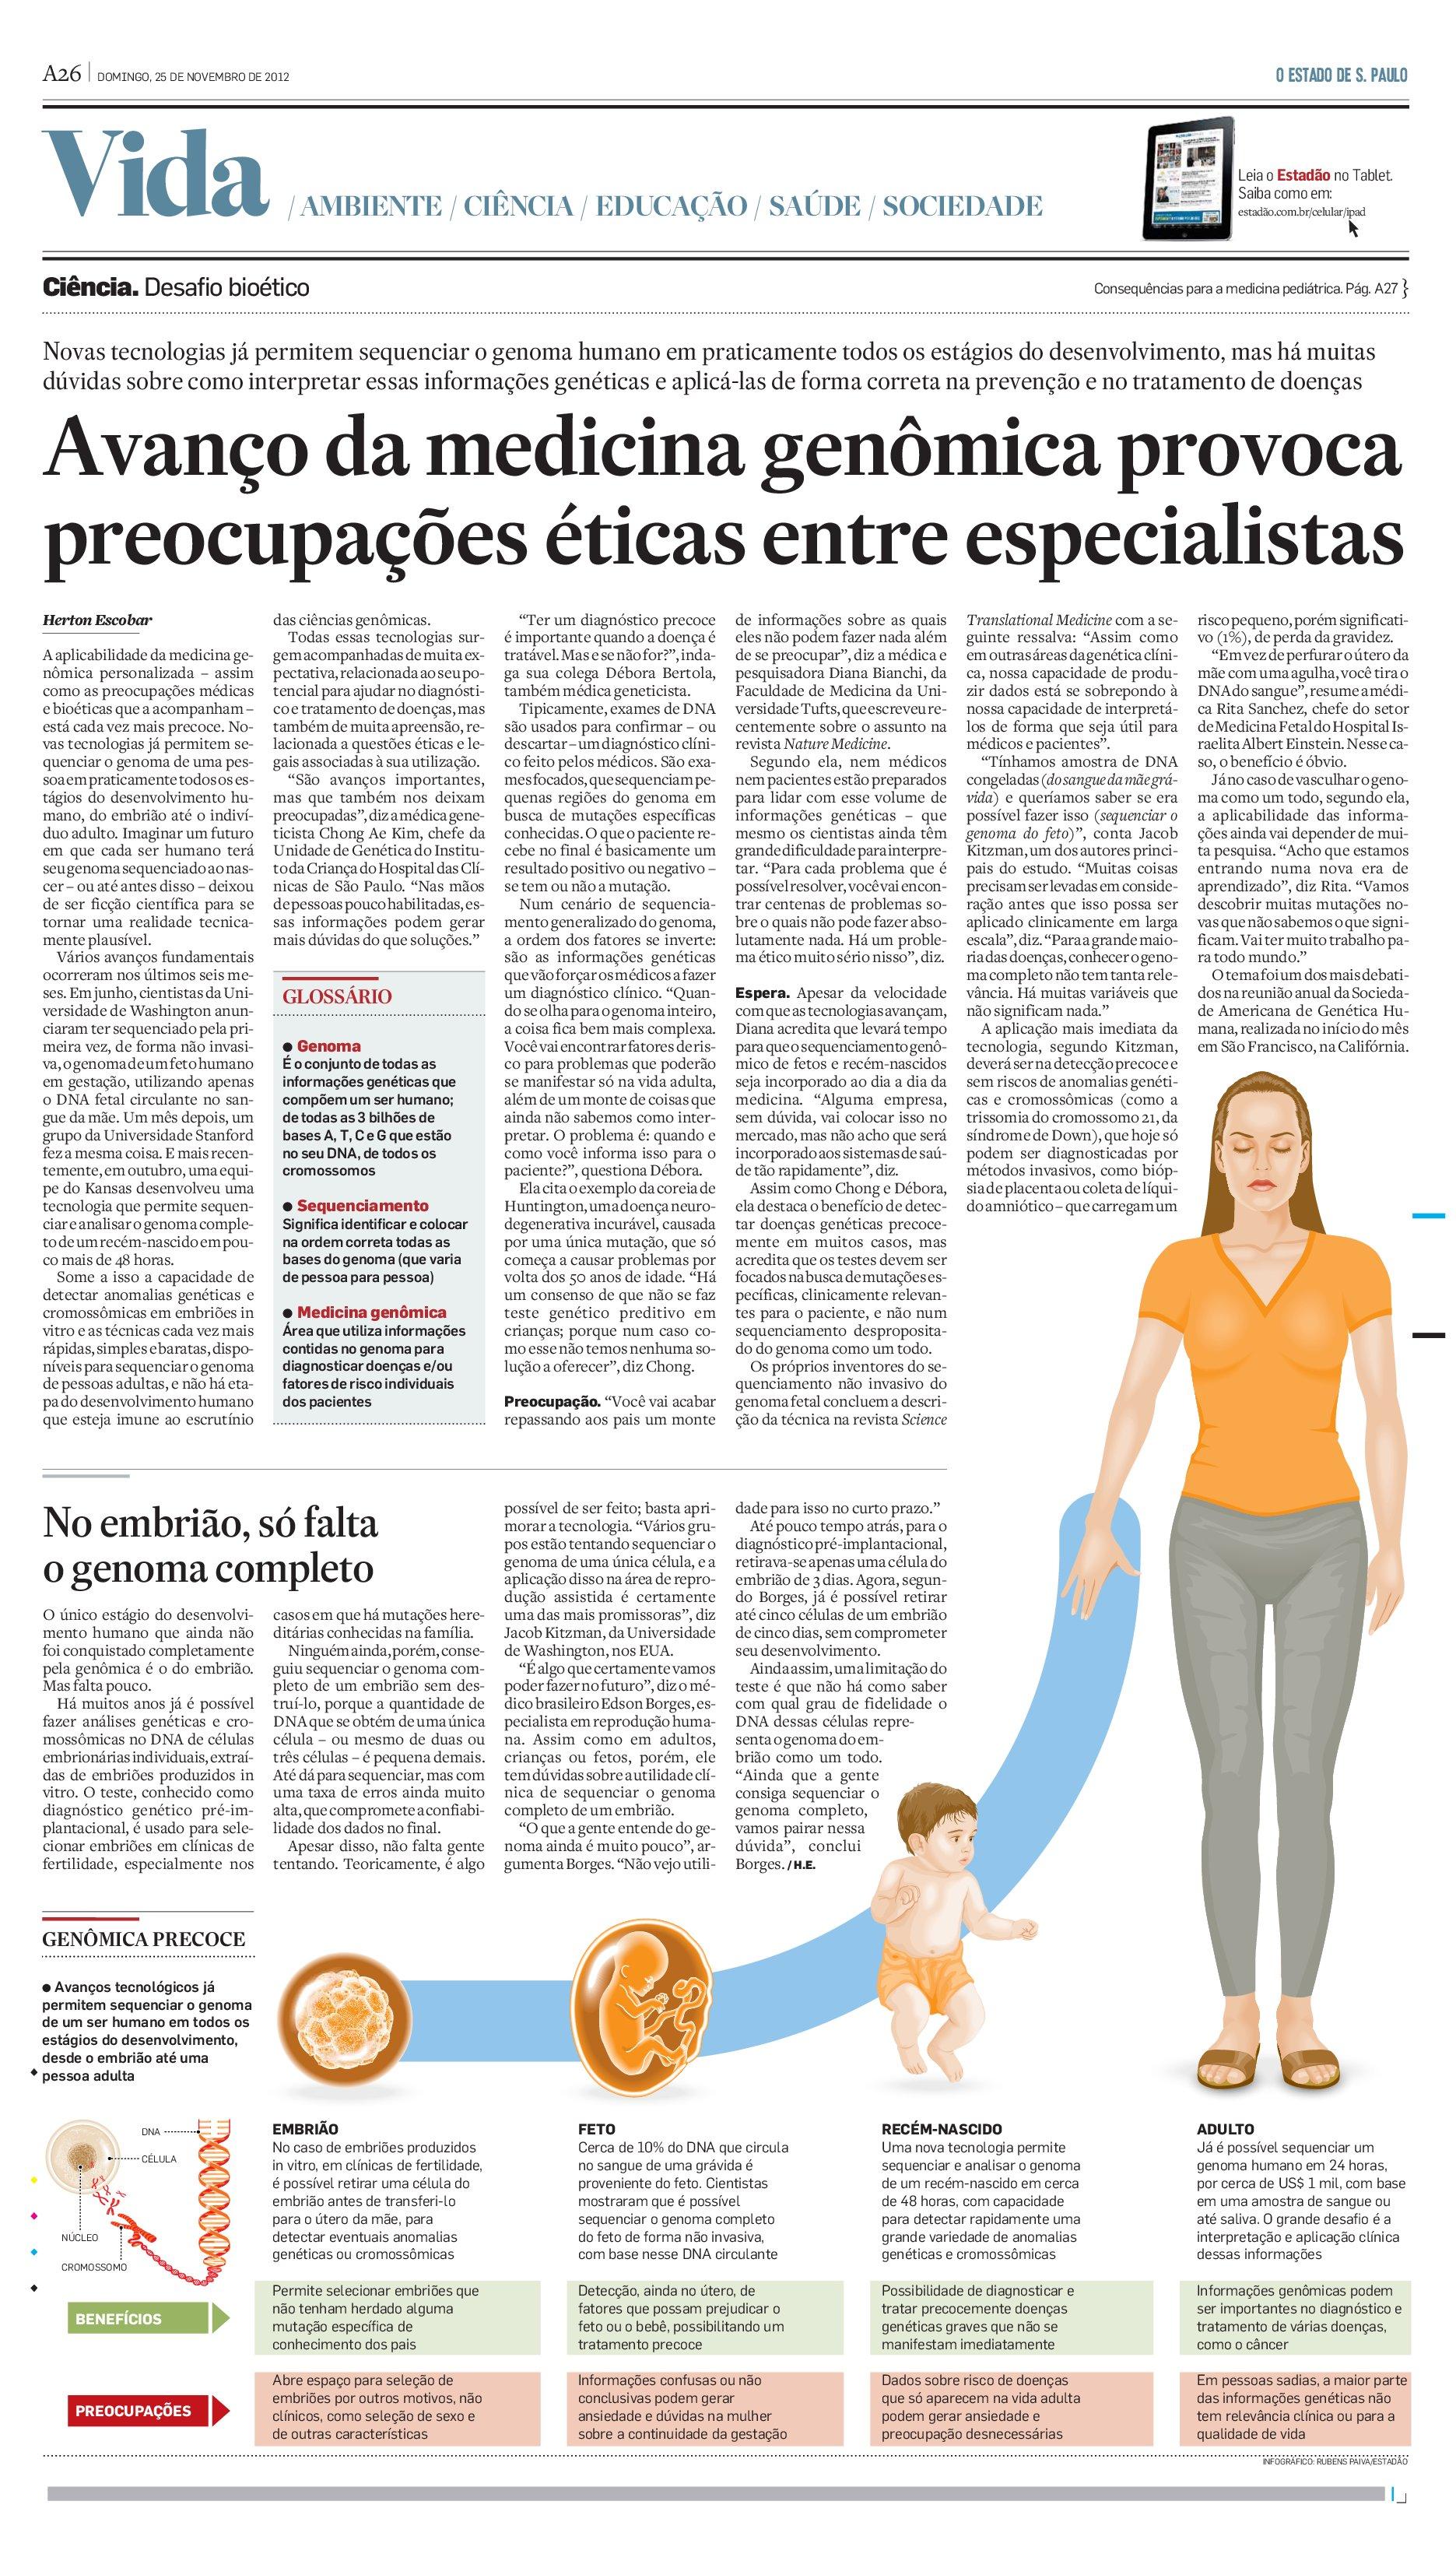 Genoma Fetal: Avanços da medicina genômica geram preocupações éticas entre especialistas